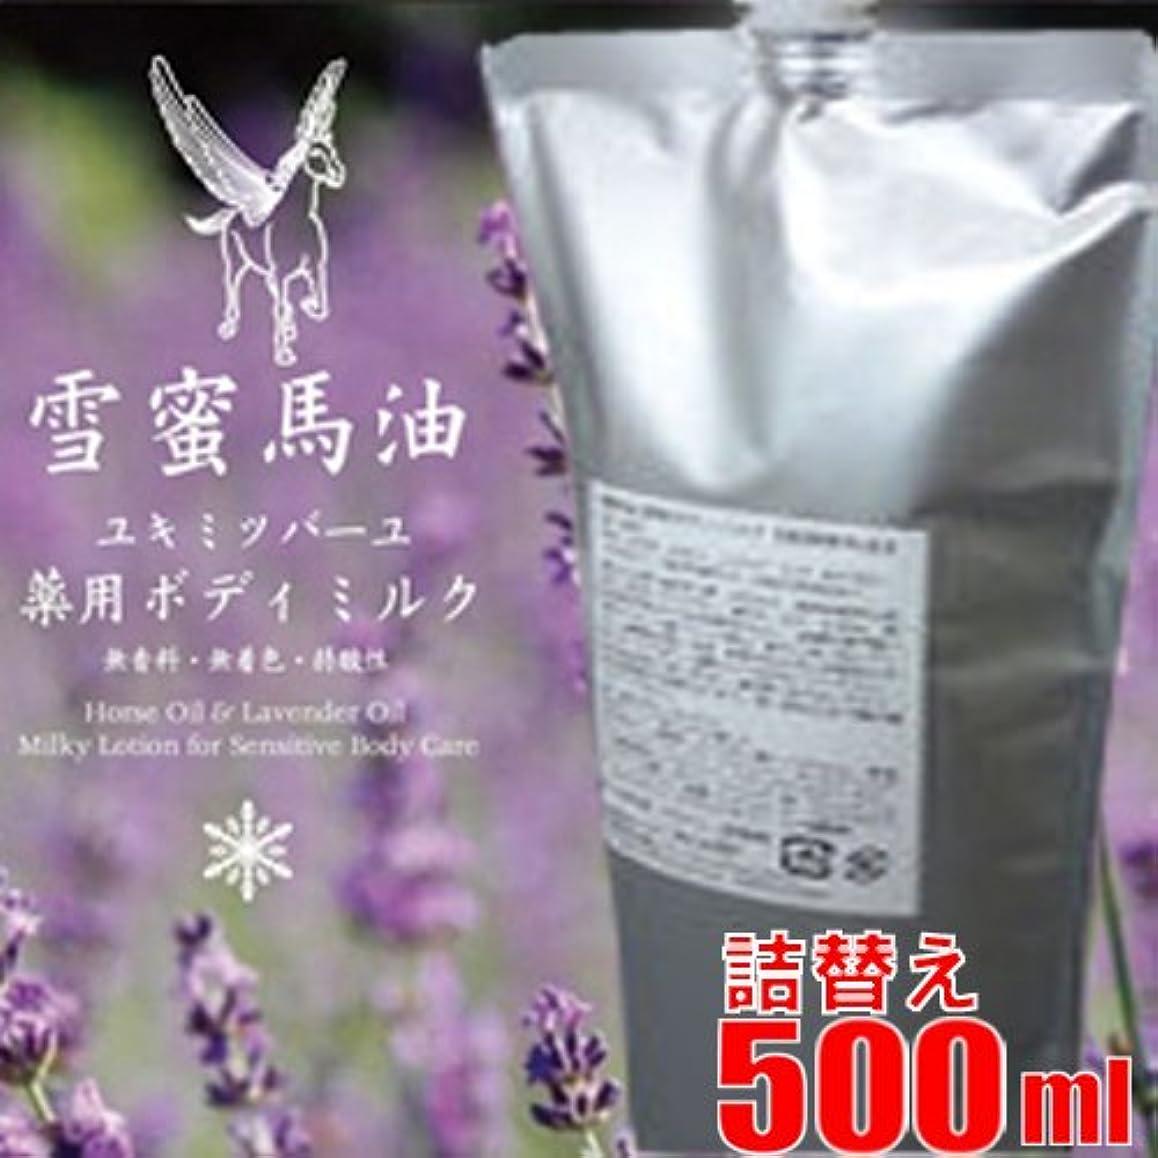 【詰替え500g】雪蜜馬油 薬用ボディミルク 詰替え500ml